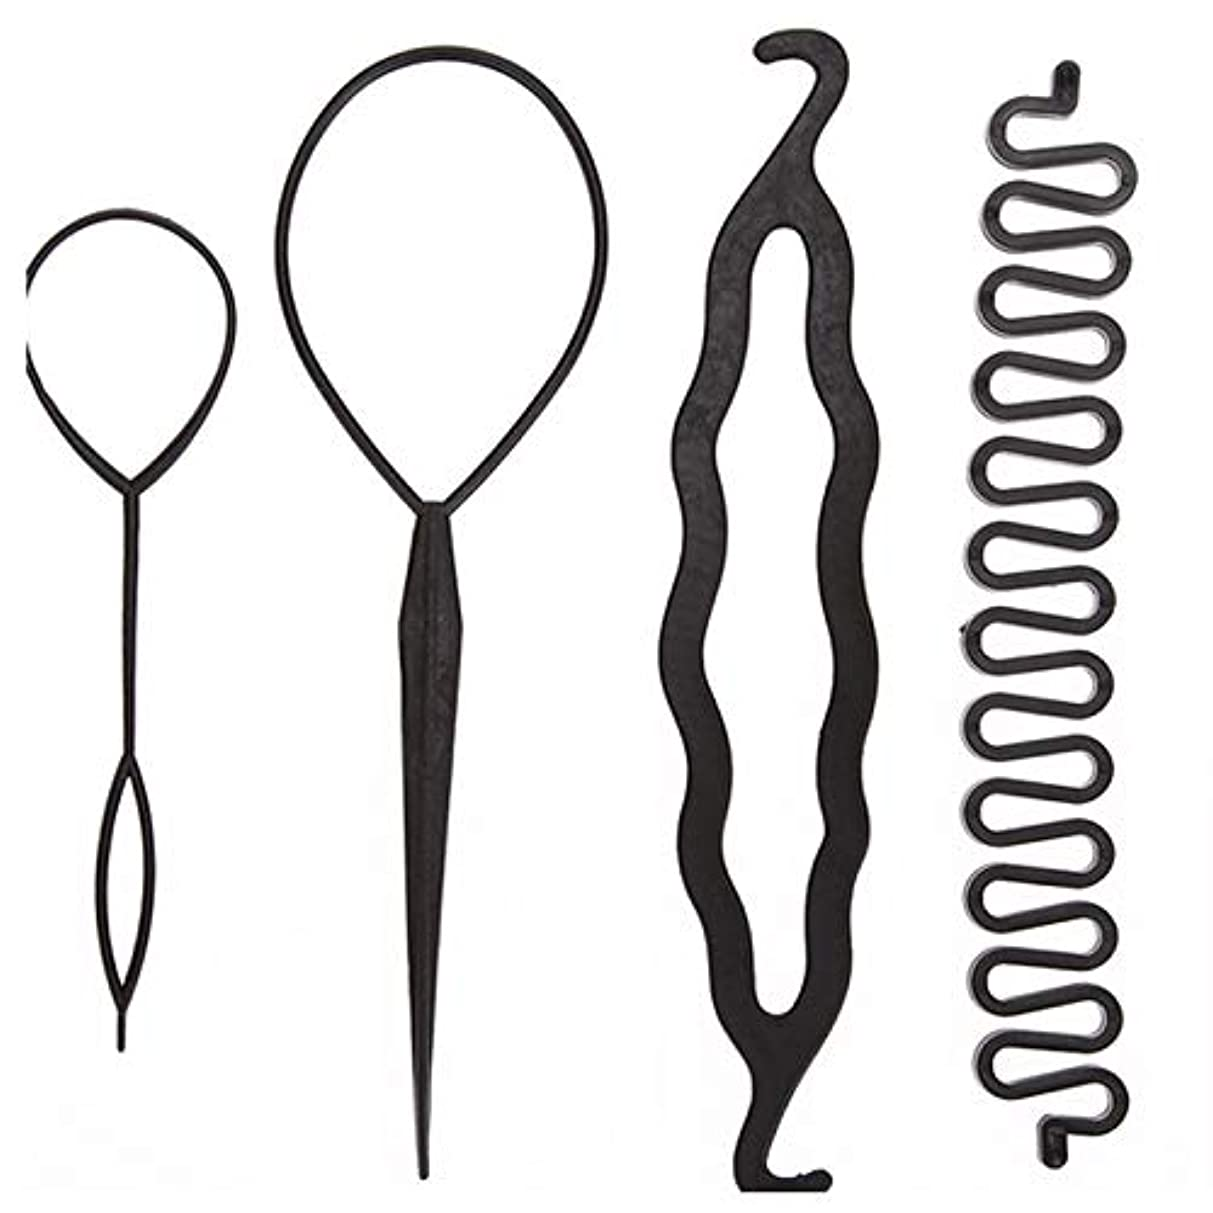 ではごきげんよう逃れるマングルSurenhap 髪編みブライダーツール 髪の編み工具 ラッキーウインク アレンジツイスターピン ショートDIY 編み込み 女性のための魔法の髪編み ツイスターピン 髪 ヘアアレンジ アクセサリー レディース ガールズ 4点セット